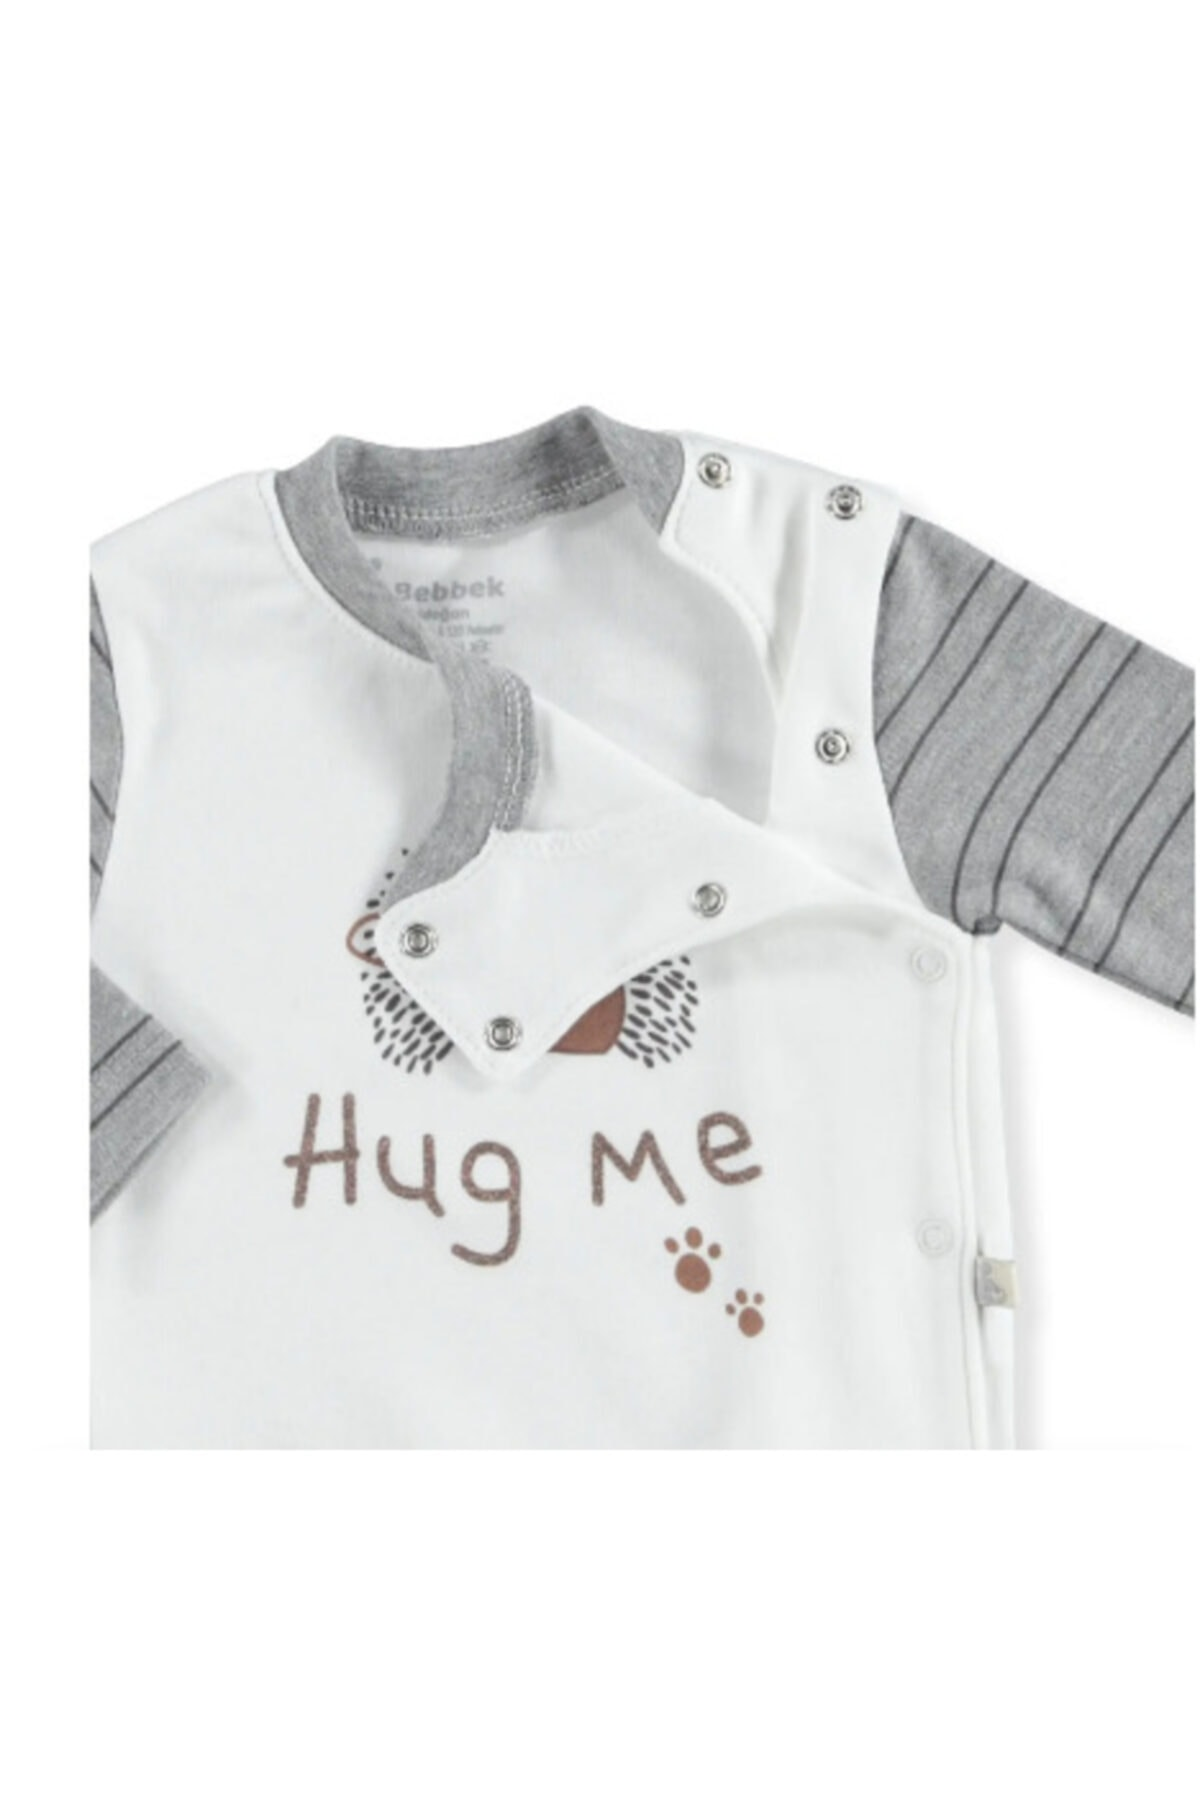 Bebbek Erkek Bebek Gri Hug Me 5li Hastane Çıkışı 2